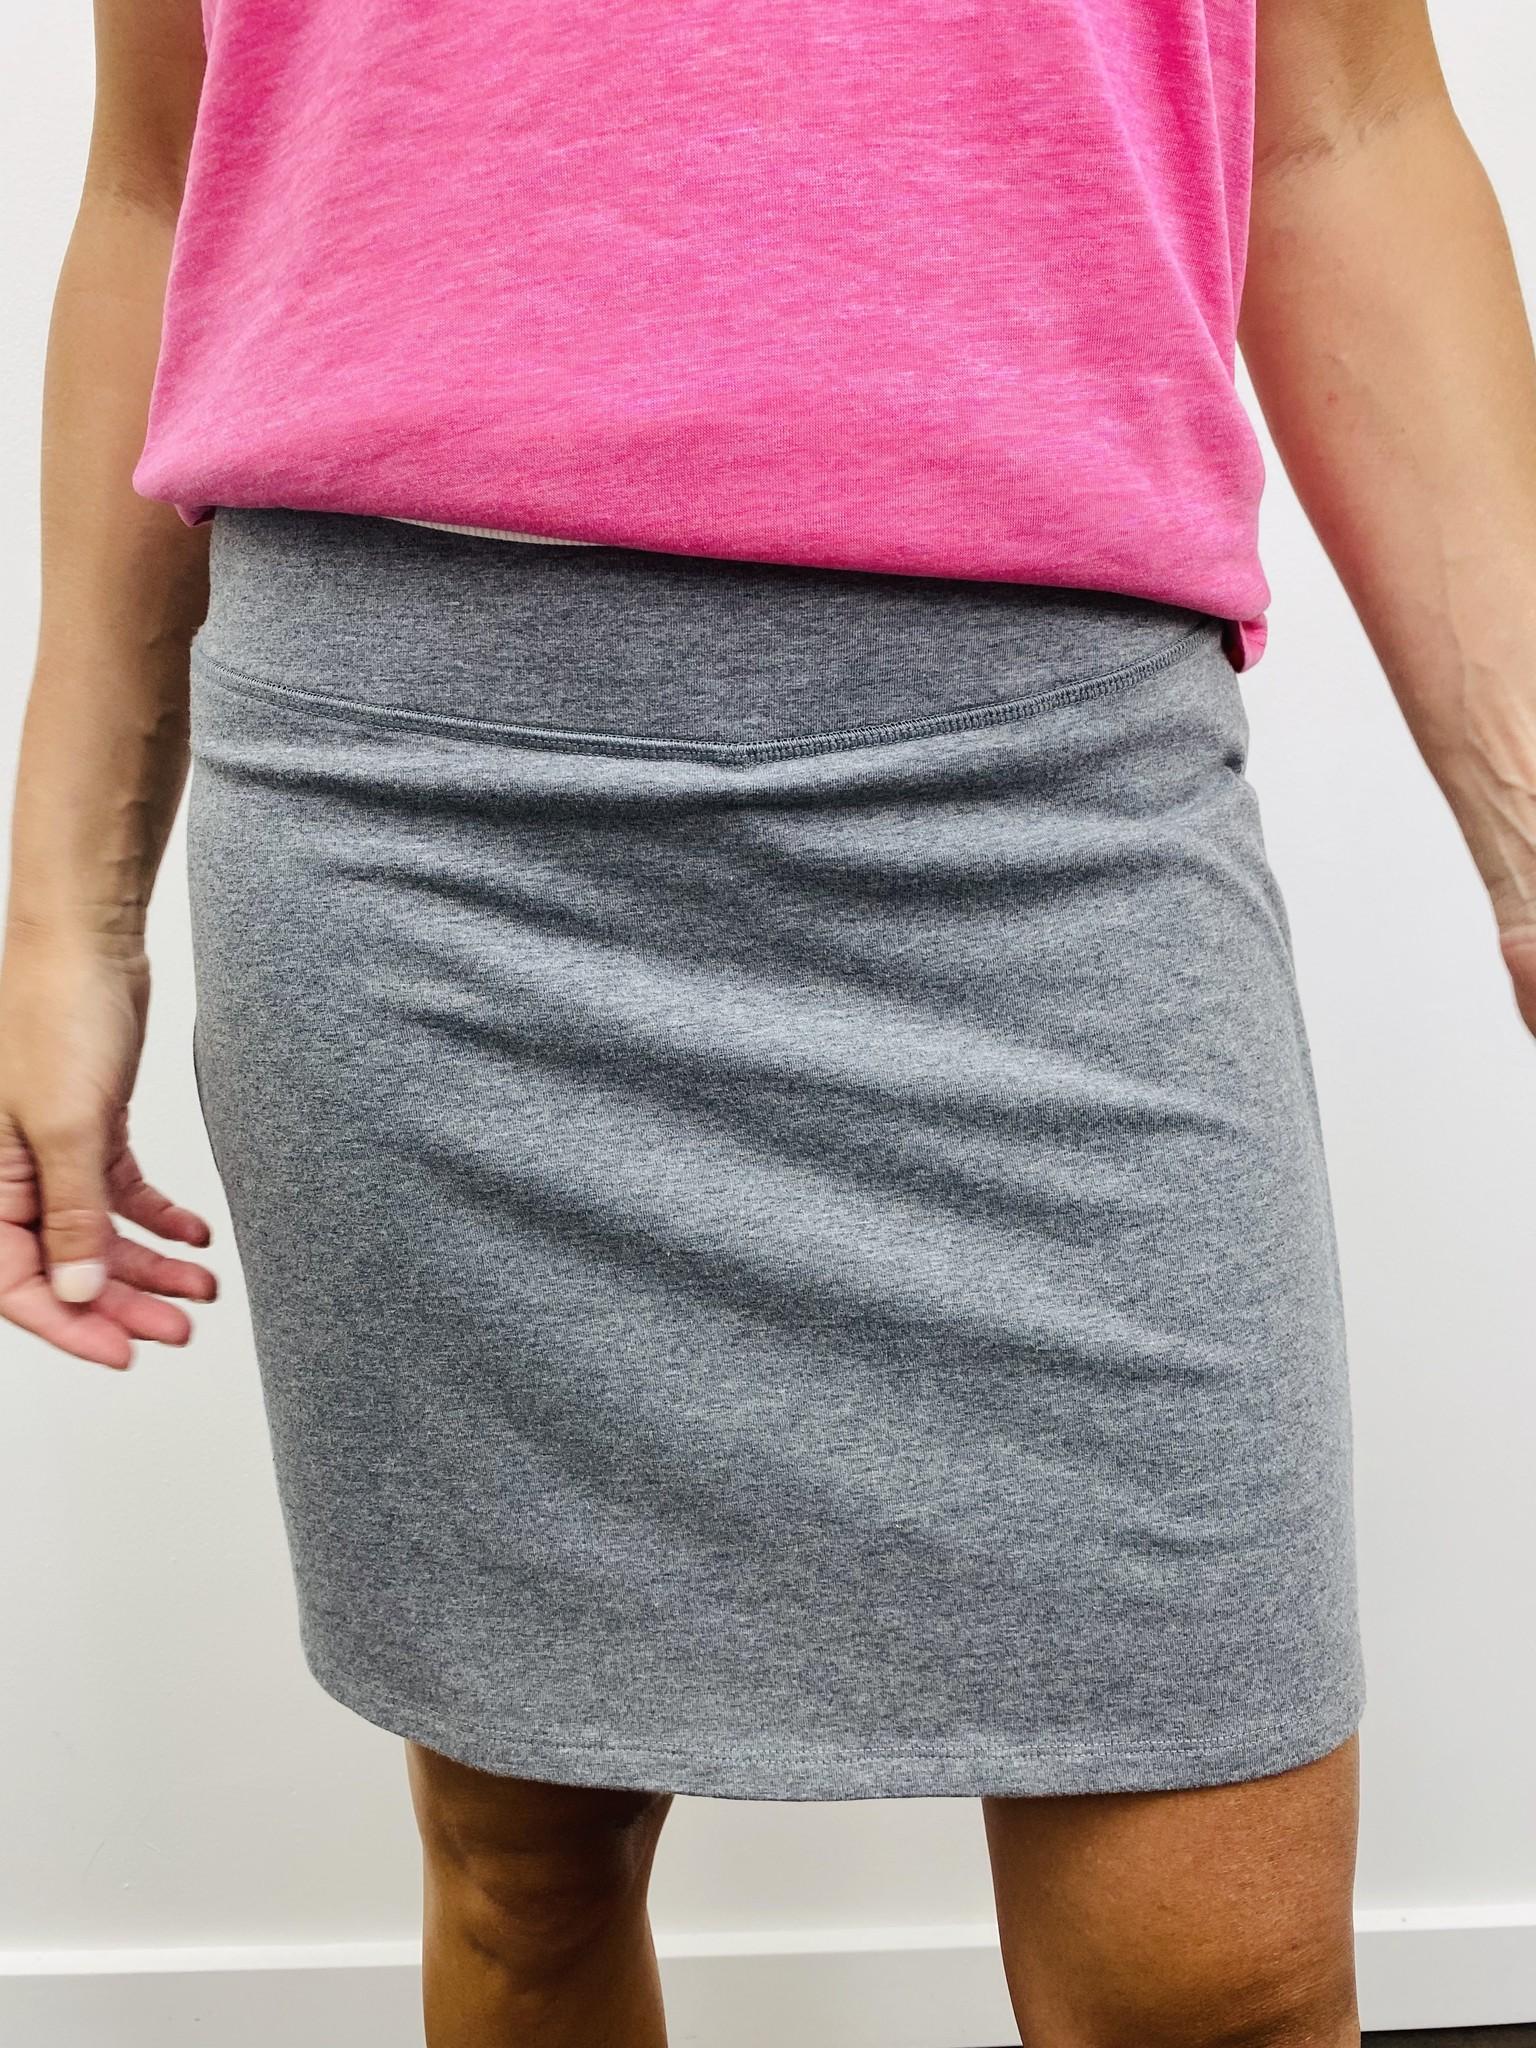 Karissa & Me Cotton Stretch Skort in Grey